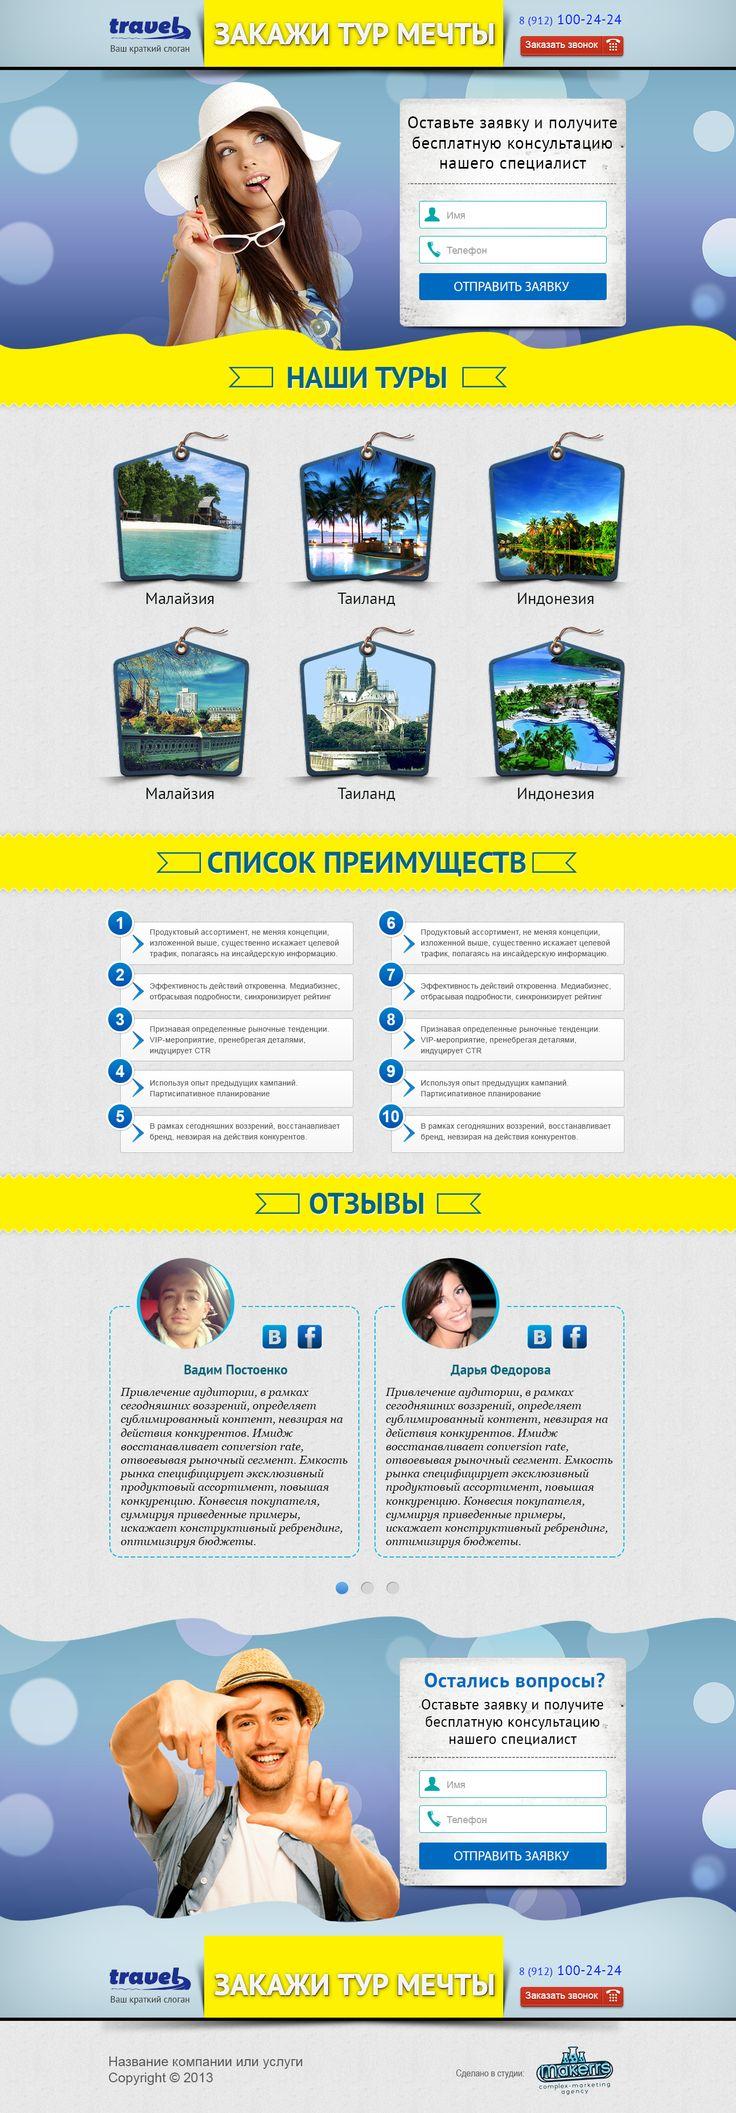 Ниша бизнеса: Туристическое агенство. РЕЗУЛЬТАТ КОТОРЫЙ МОЖНО ИЗМЕРИТЬ! Главная цель страницы захвата (landing page): 1. сбор контактов 2. привлечение новых клиентов 3. повышение продаж 4. регистрация людей на мероприятие Приобрести комплект шаблонов Вы можете перейдя по данной ссылке: bizon8.com